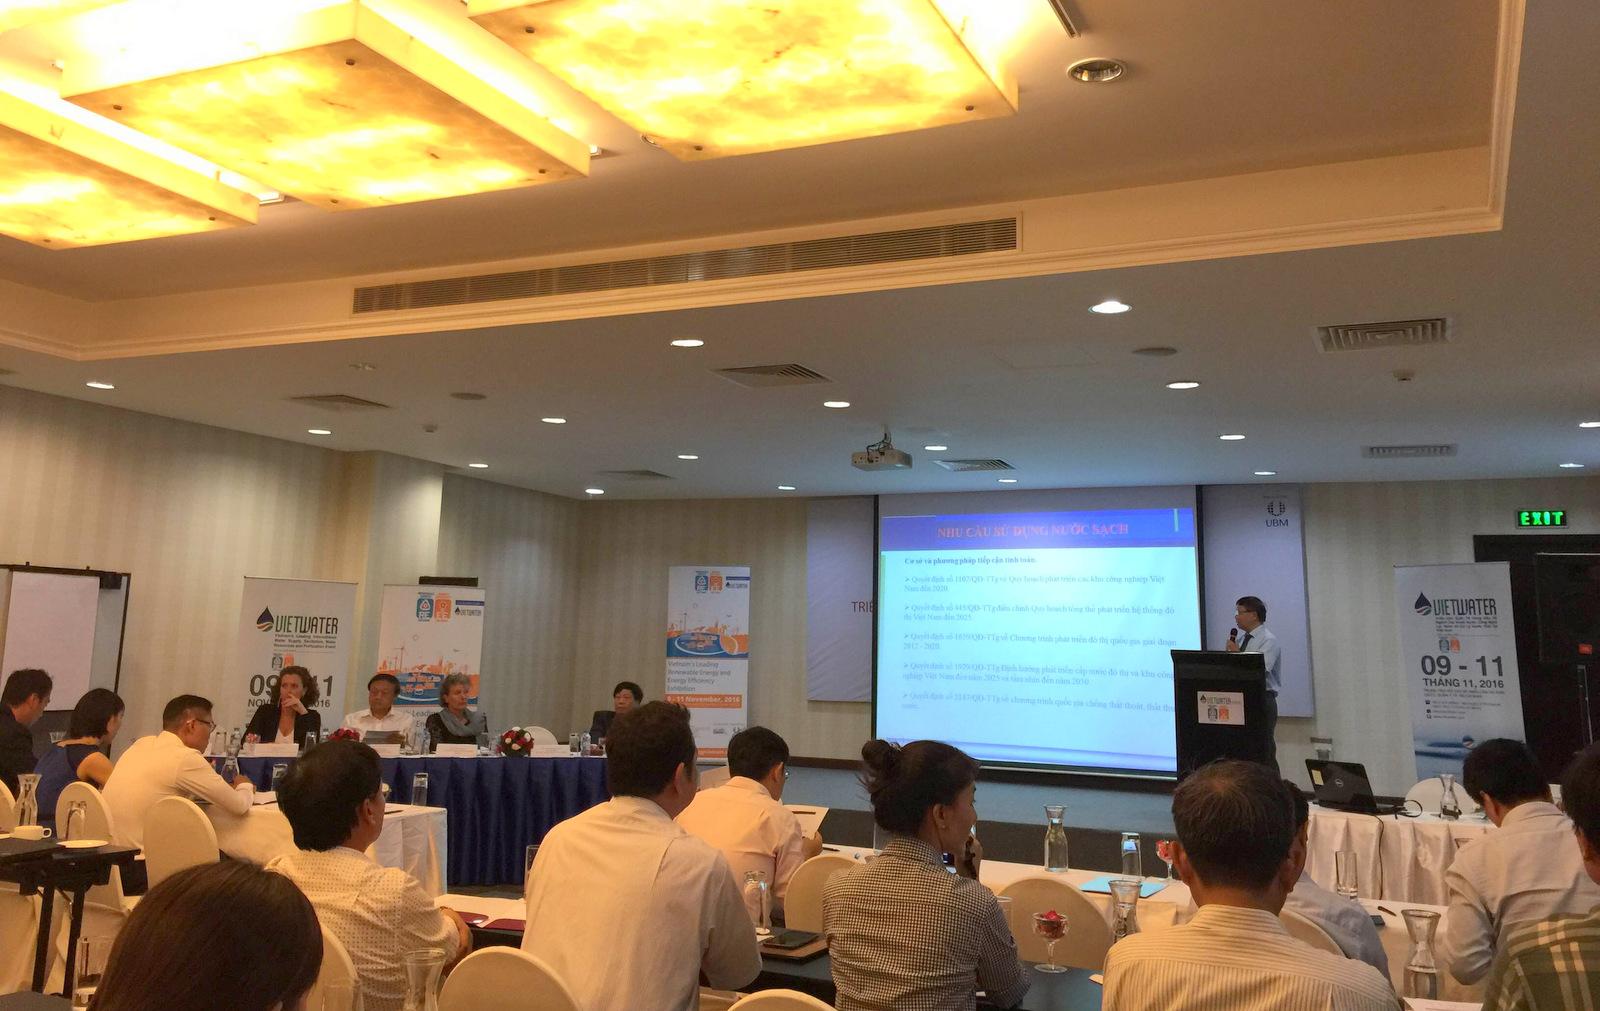 во вьетнаме проидет международная выставка по энергосбережению и развитию возобновляемои энергии hinh 0